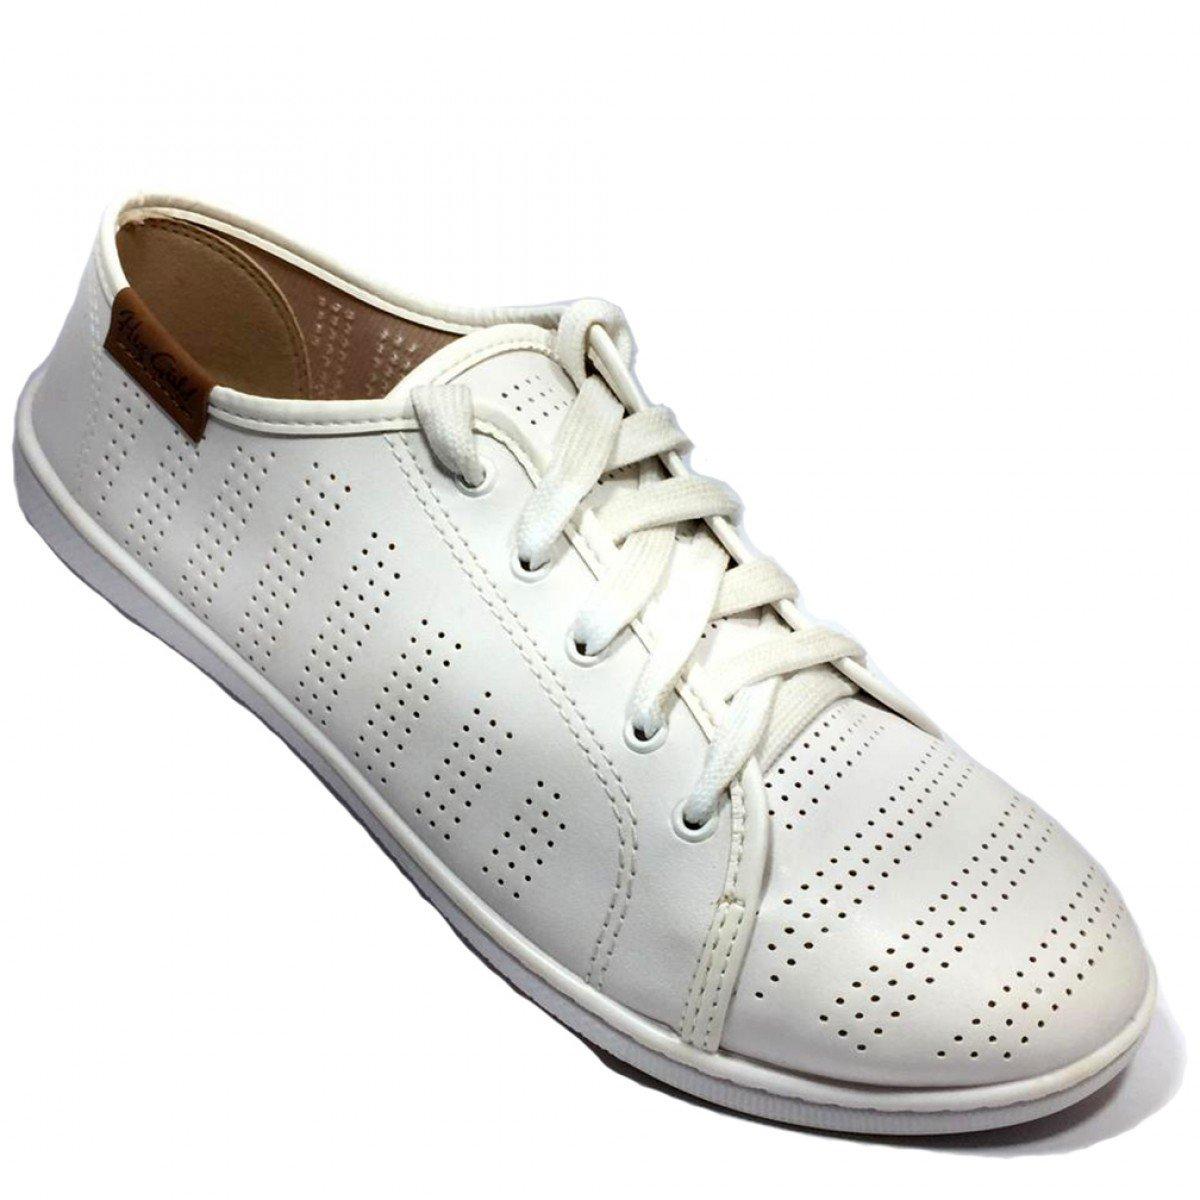 cada7fbb130 Tênis Feminino Moleca Casual Branco - Compre Agora